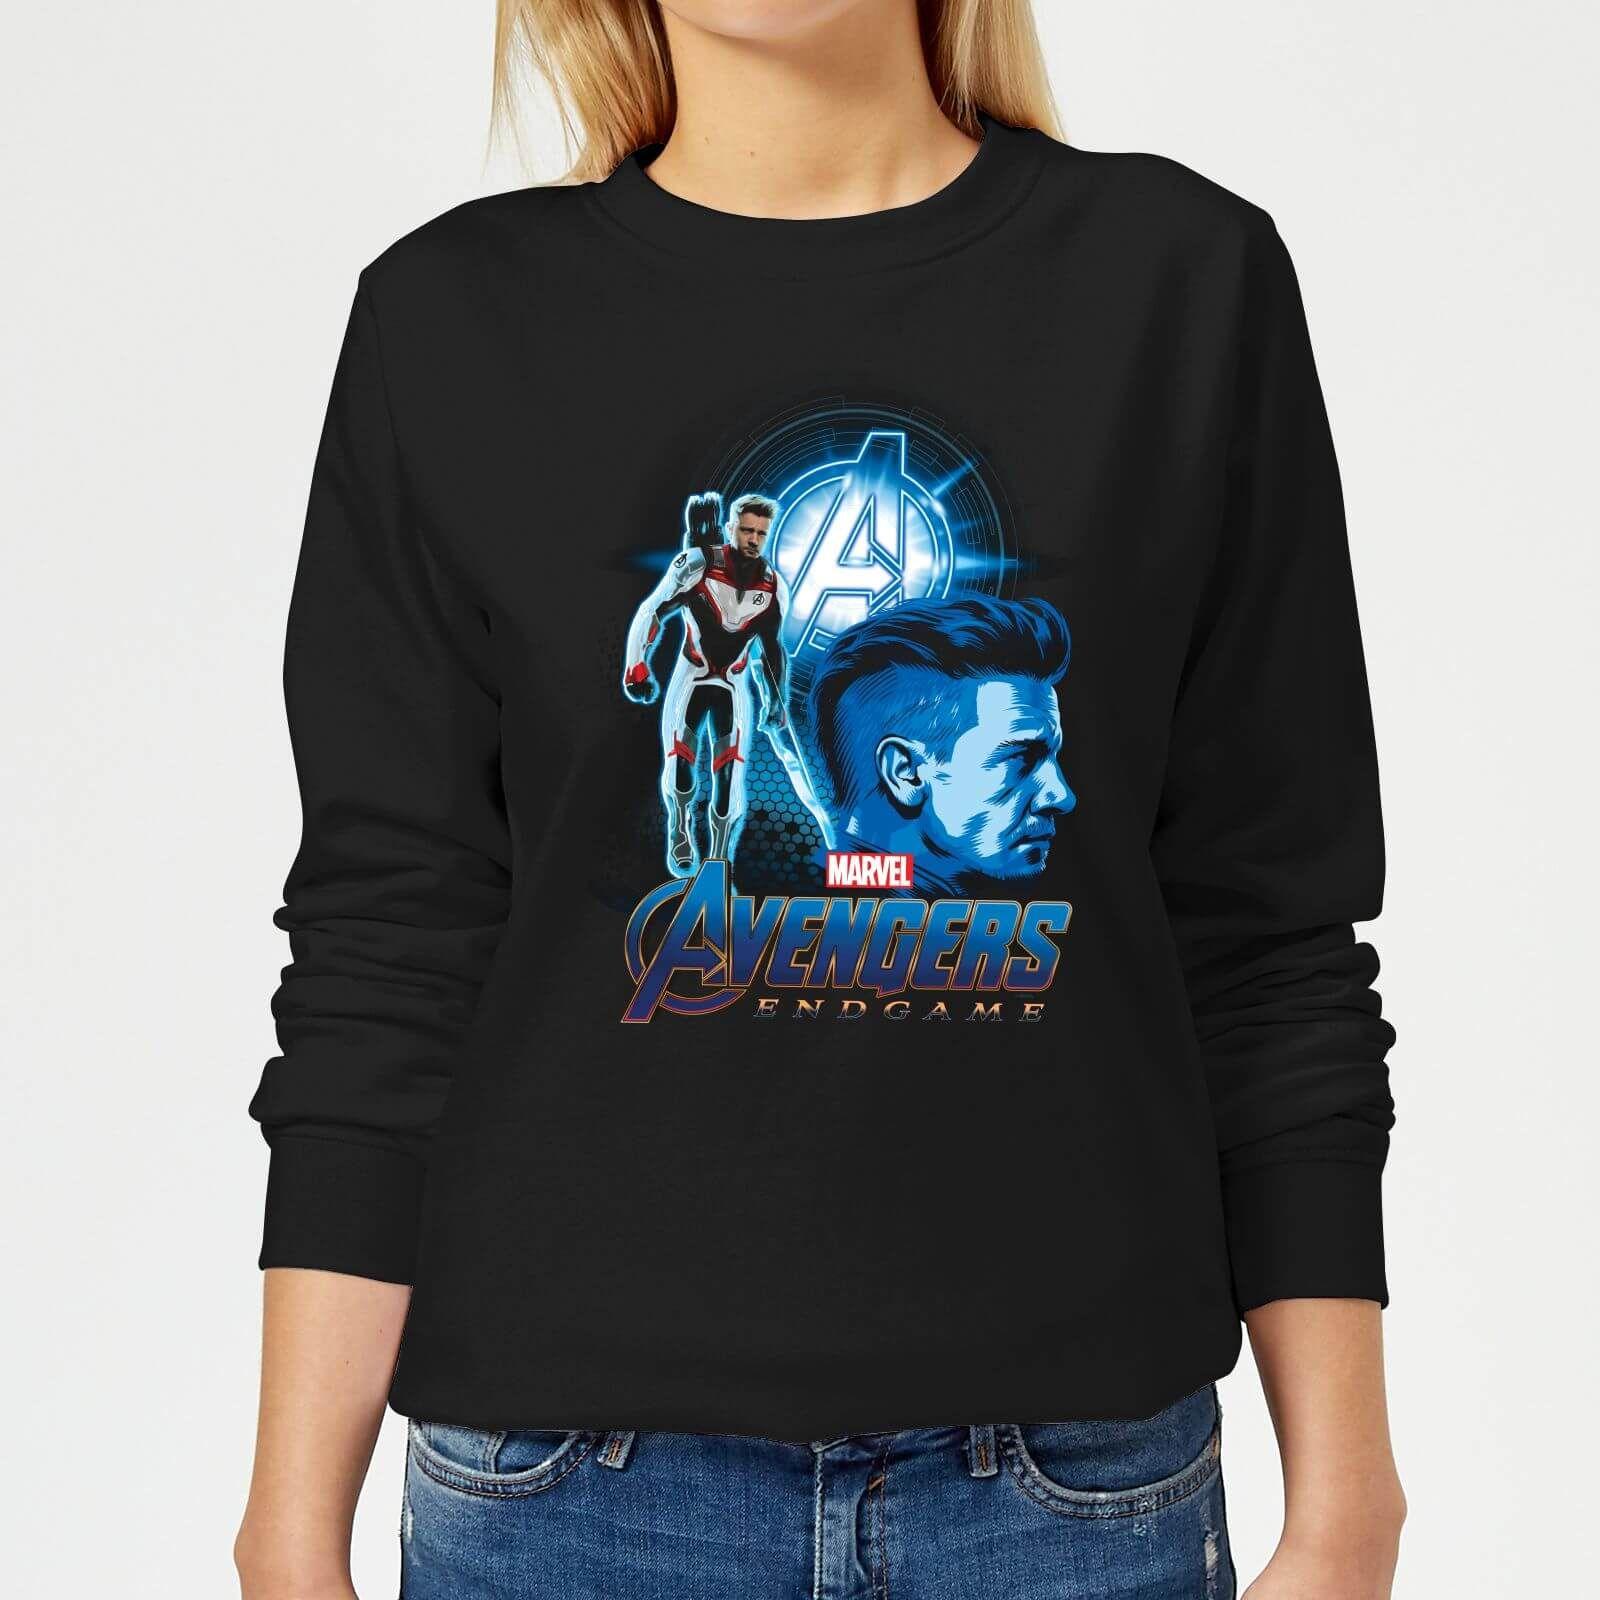 Marvel Comics Antman T-shirt Mens Size S M L XL 2XL 3XL Stan Lee Comic Brand New